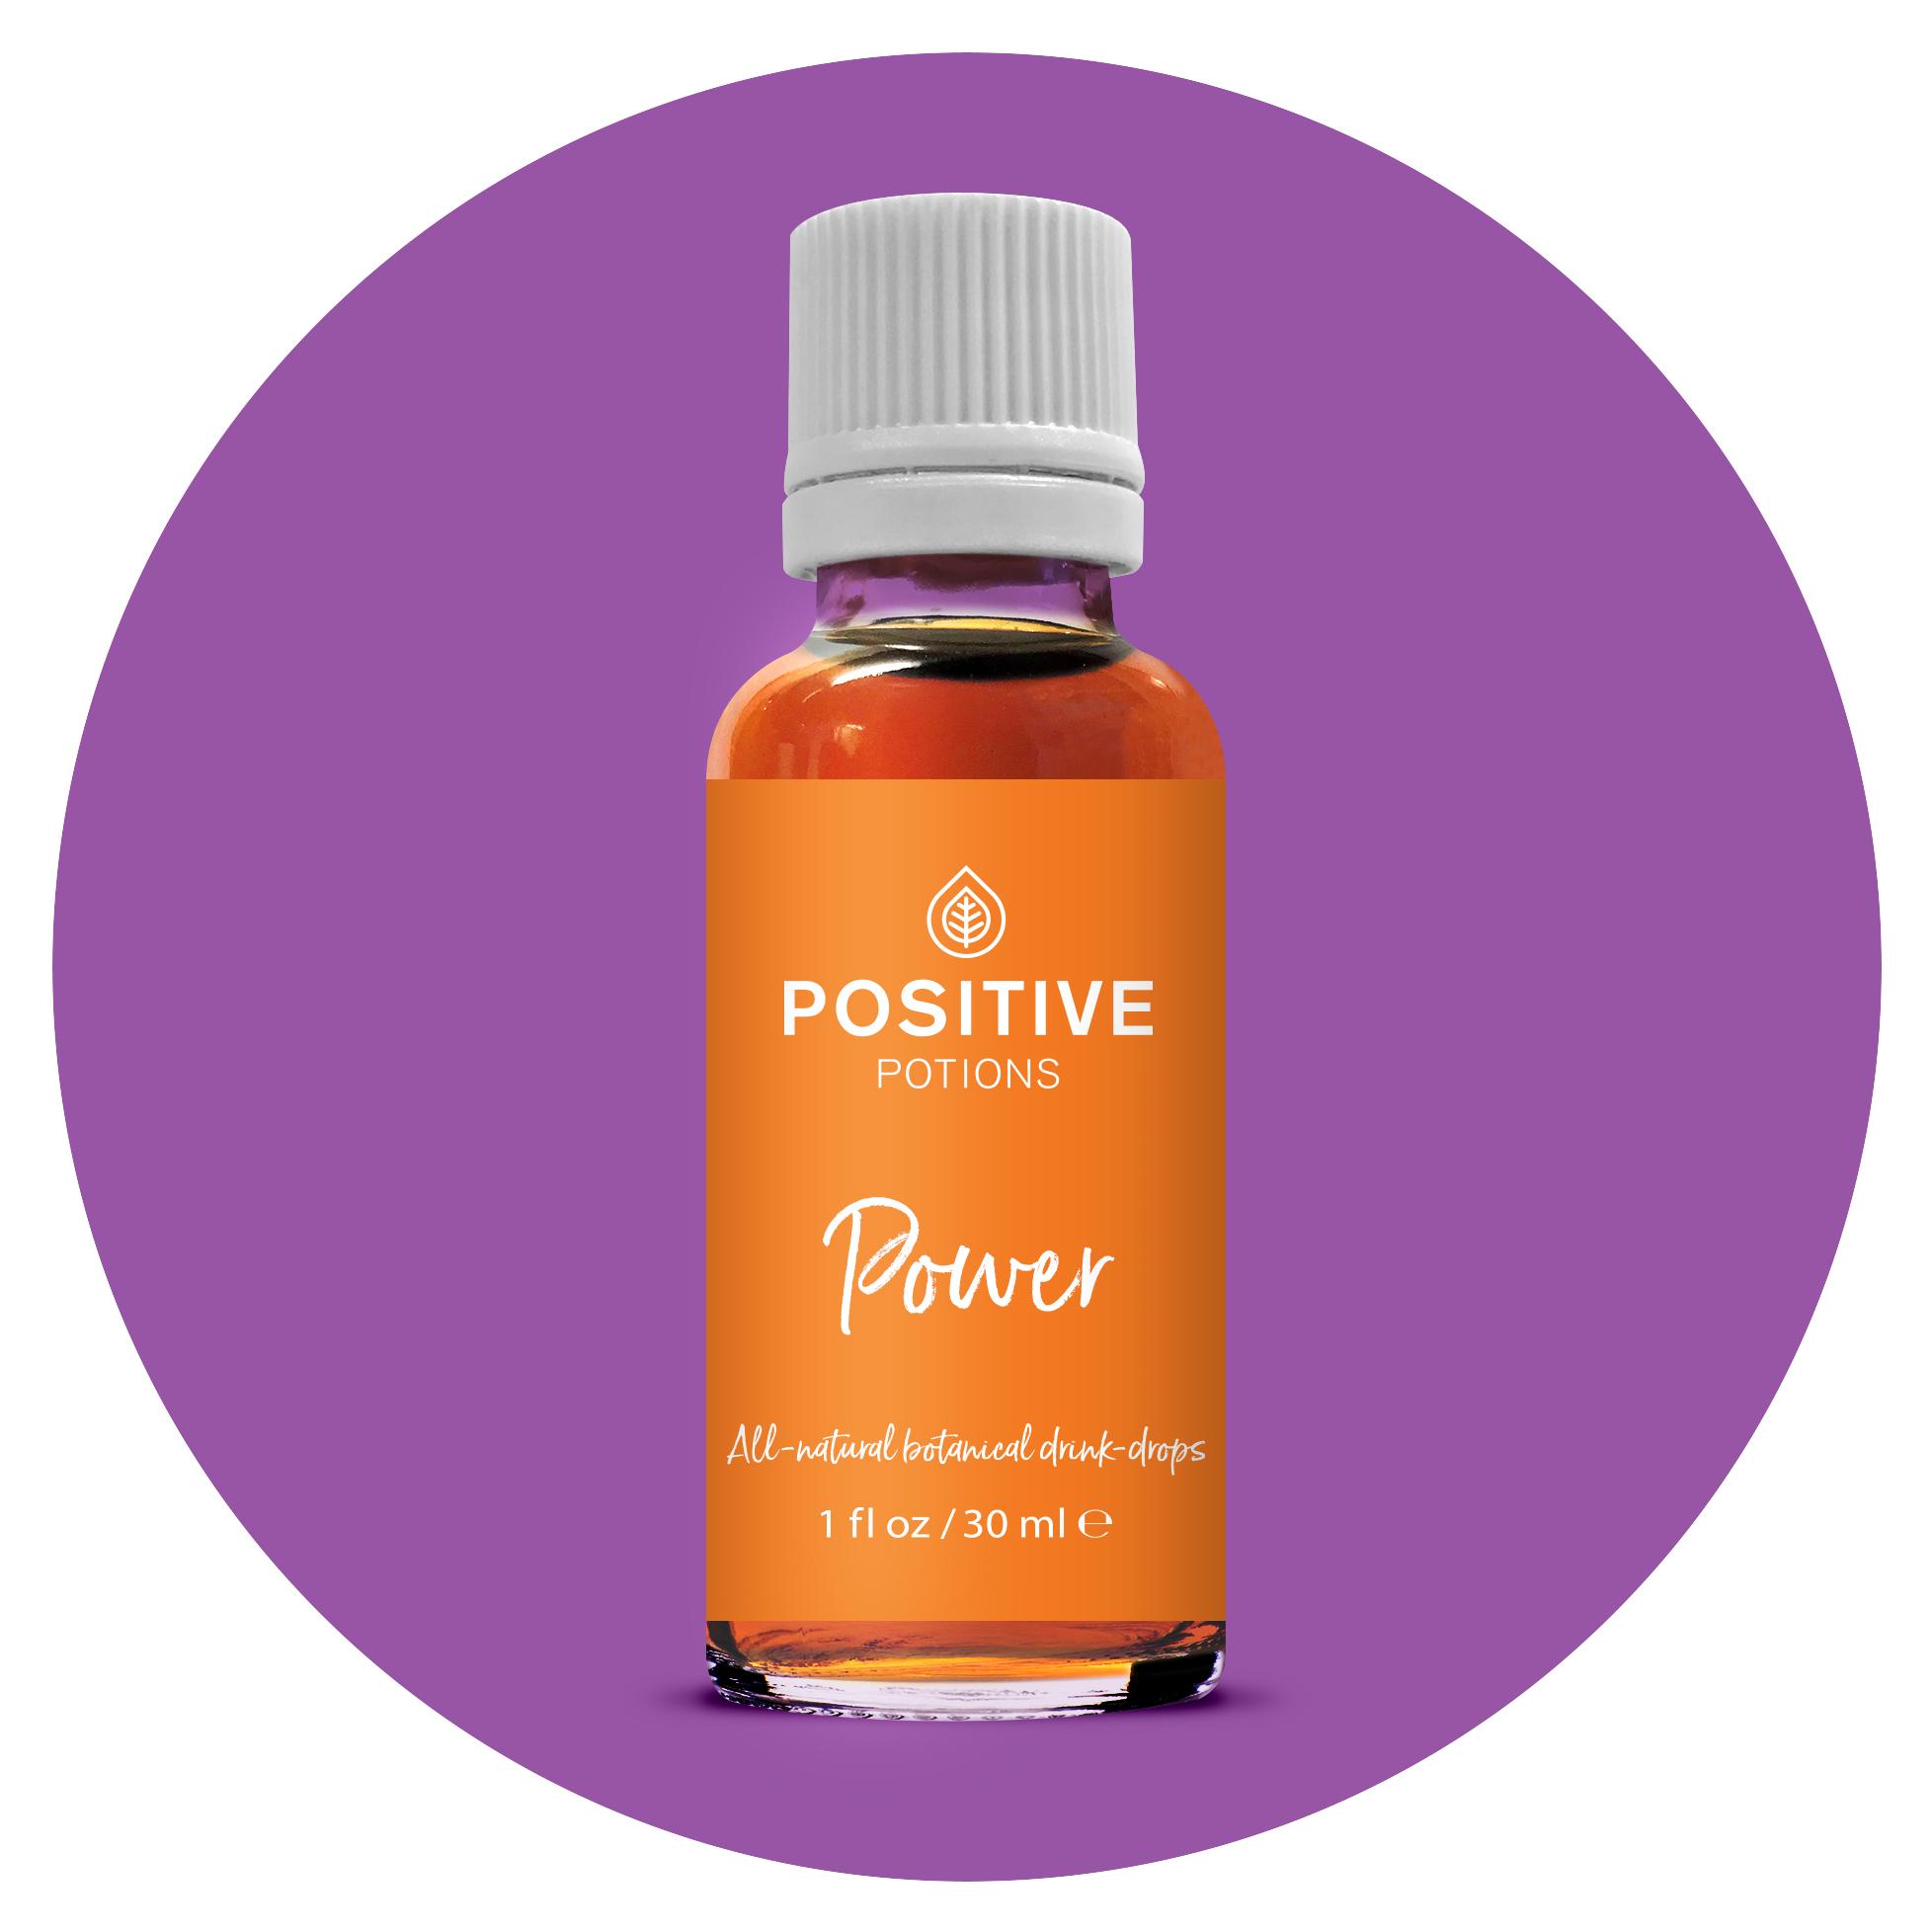 power-bottle-front.jpg